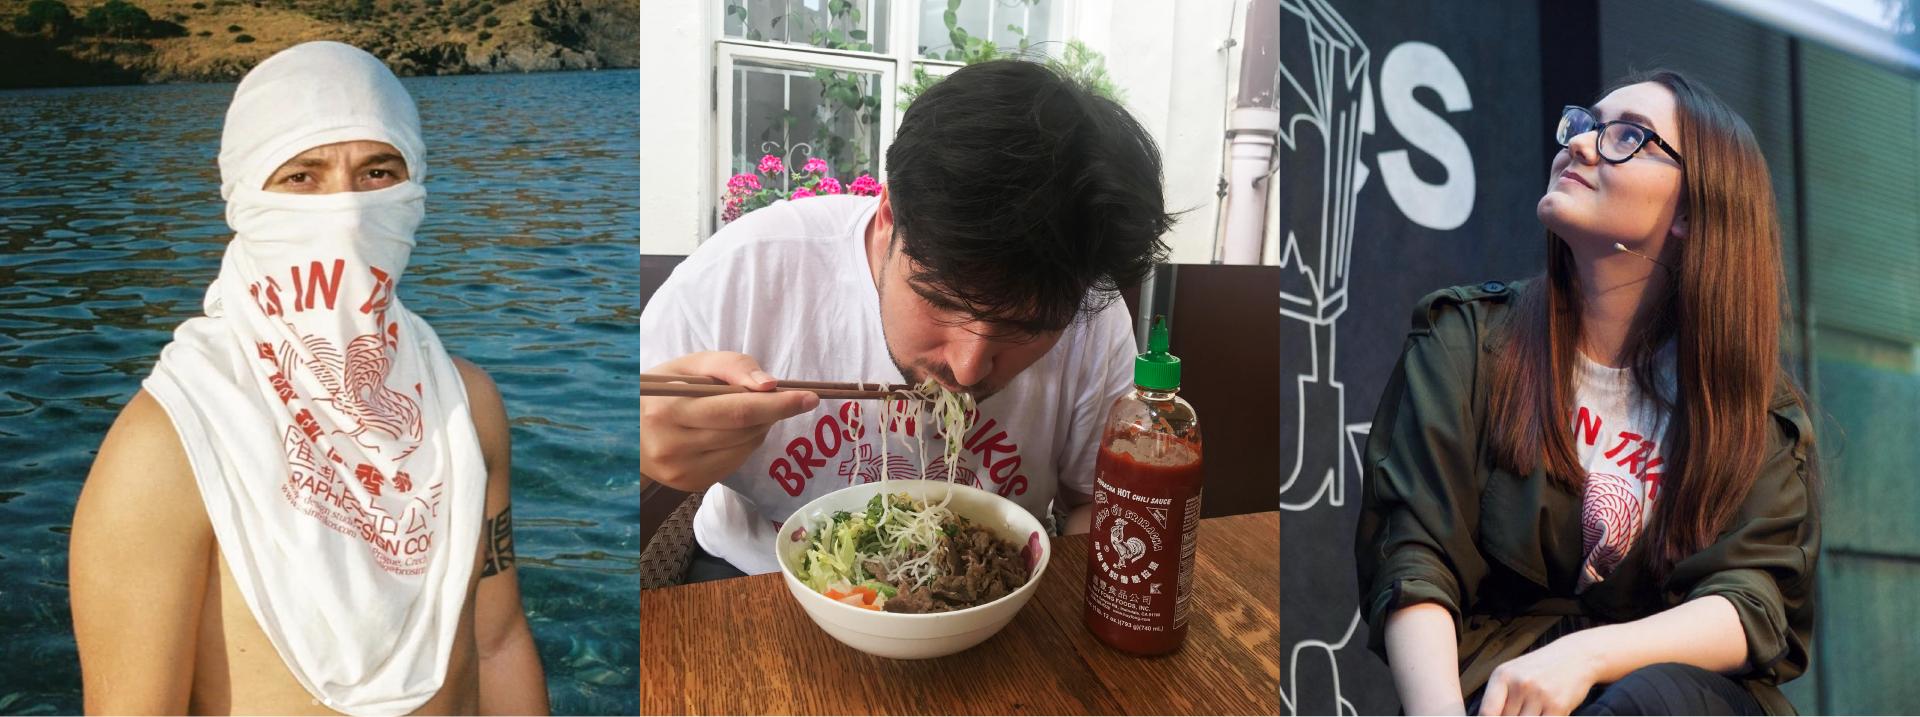 BROS IN TRIKOS Bros in Sriracha